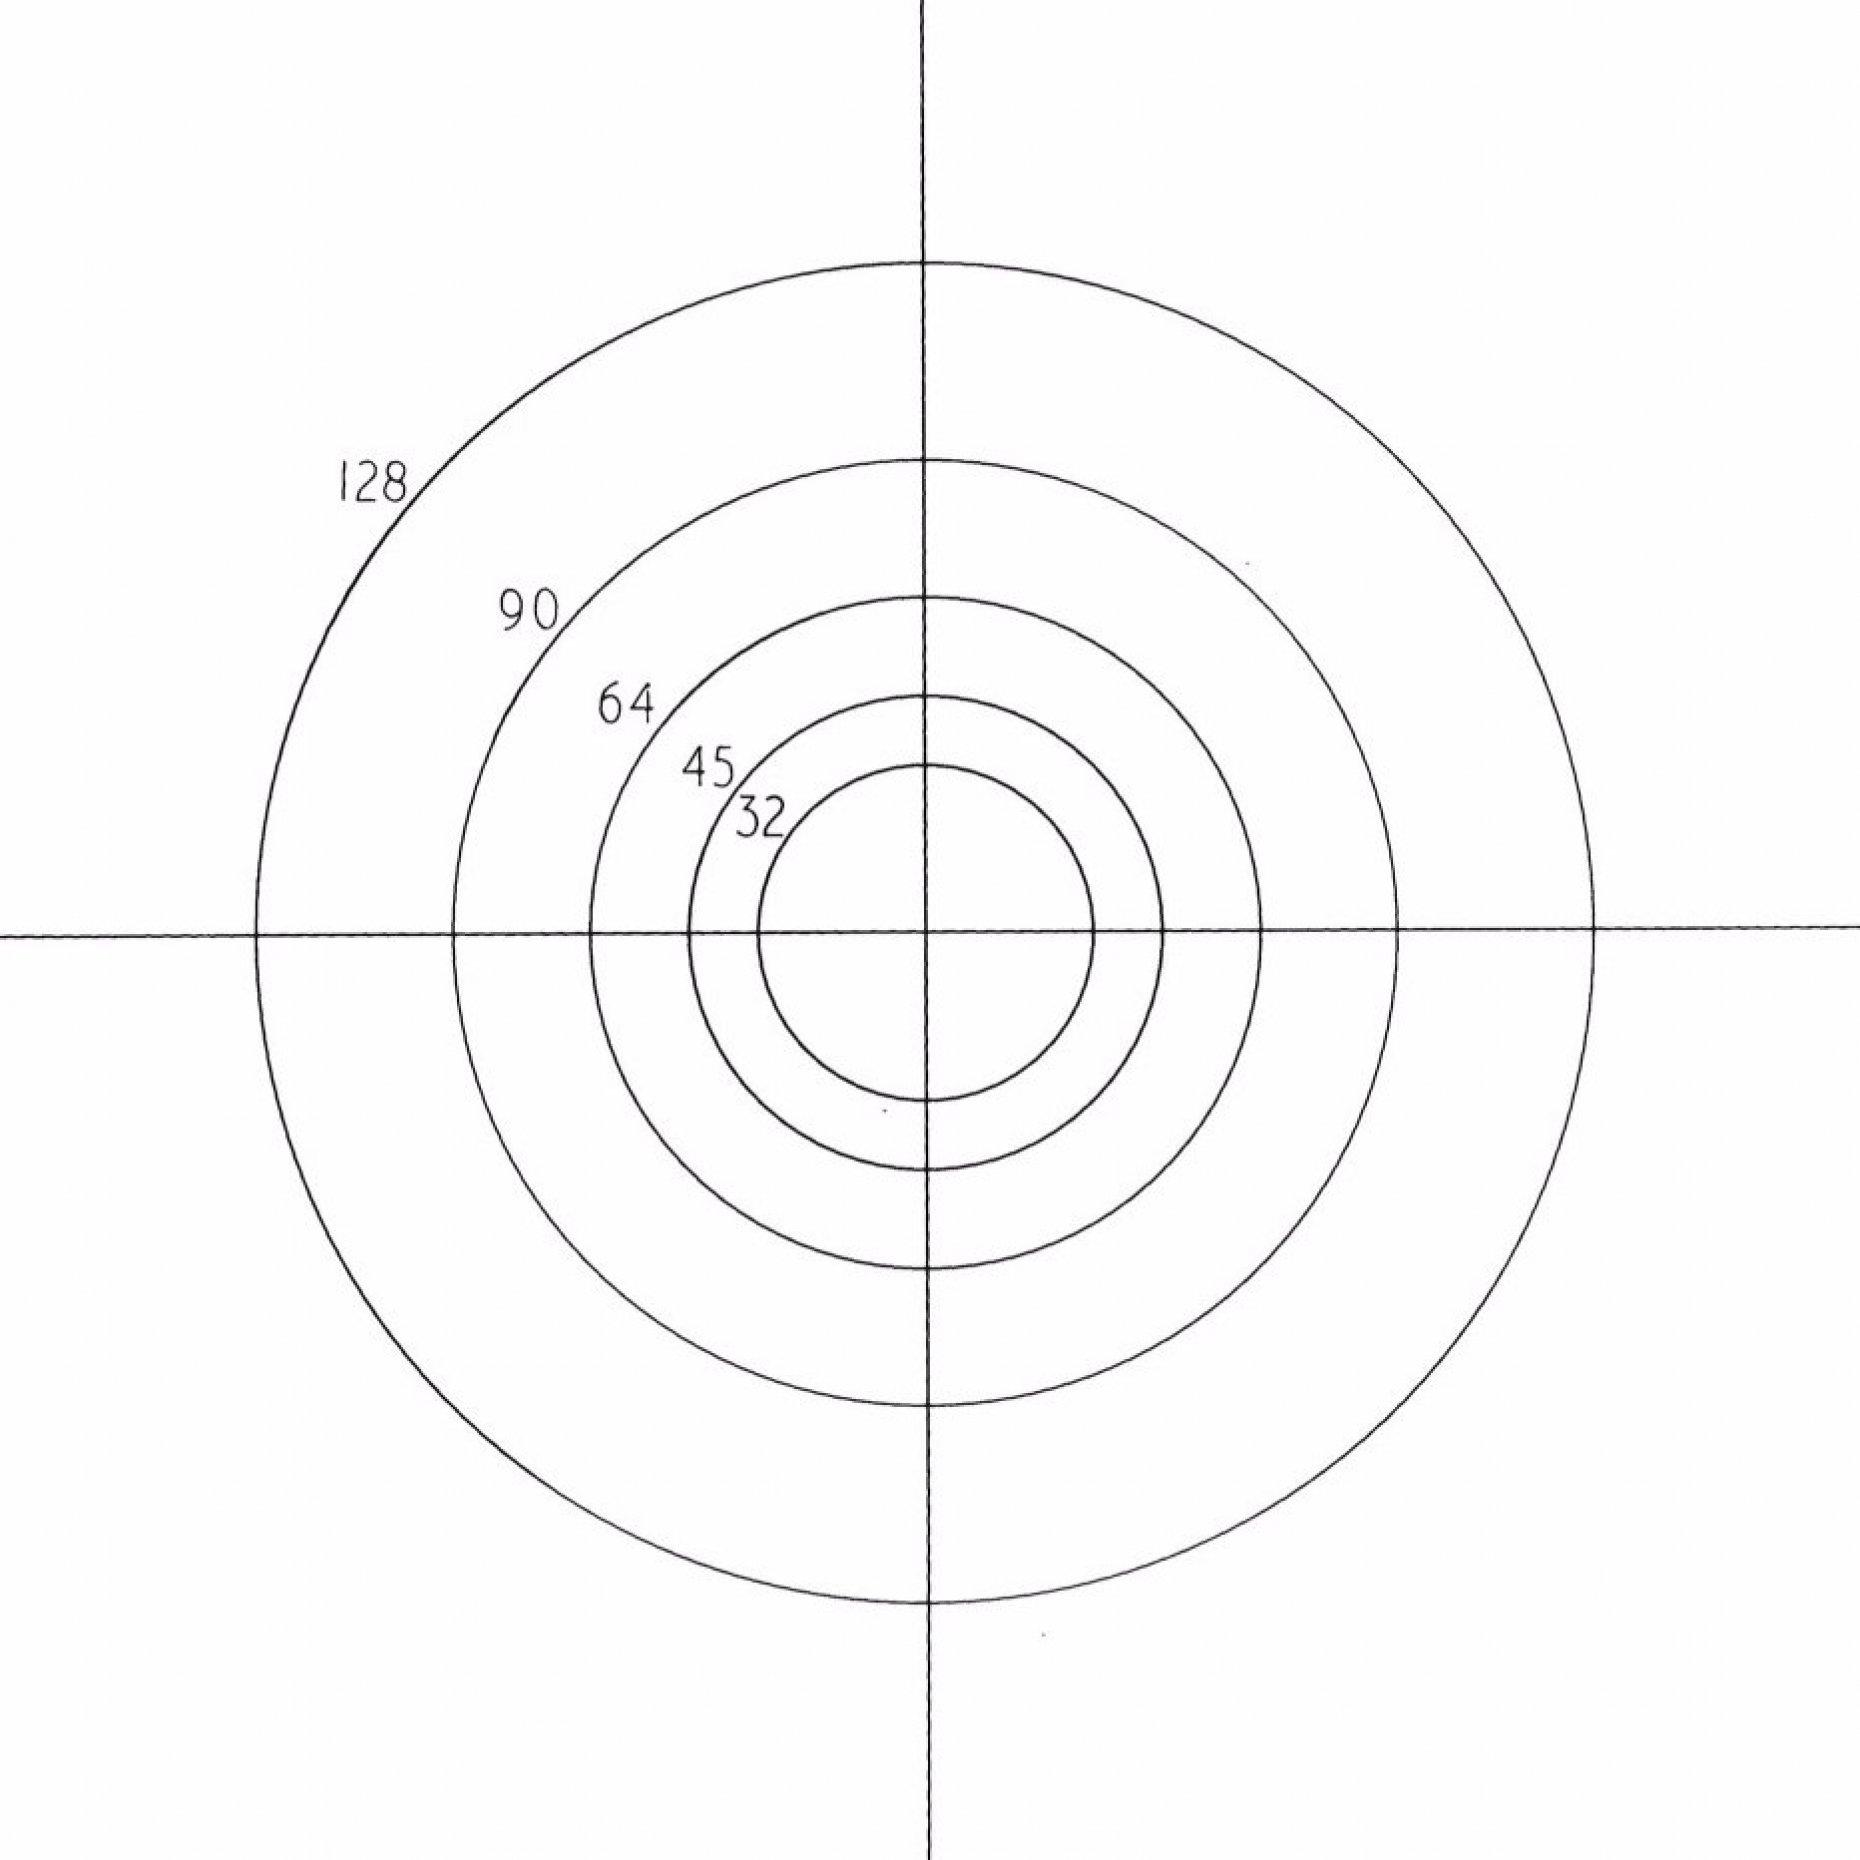 NG2 Original Porton Globes and Circles Pattern